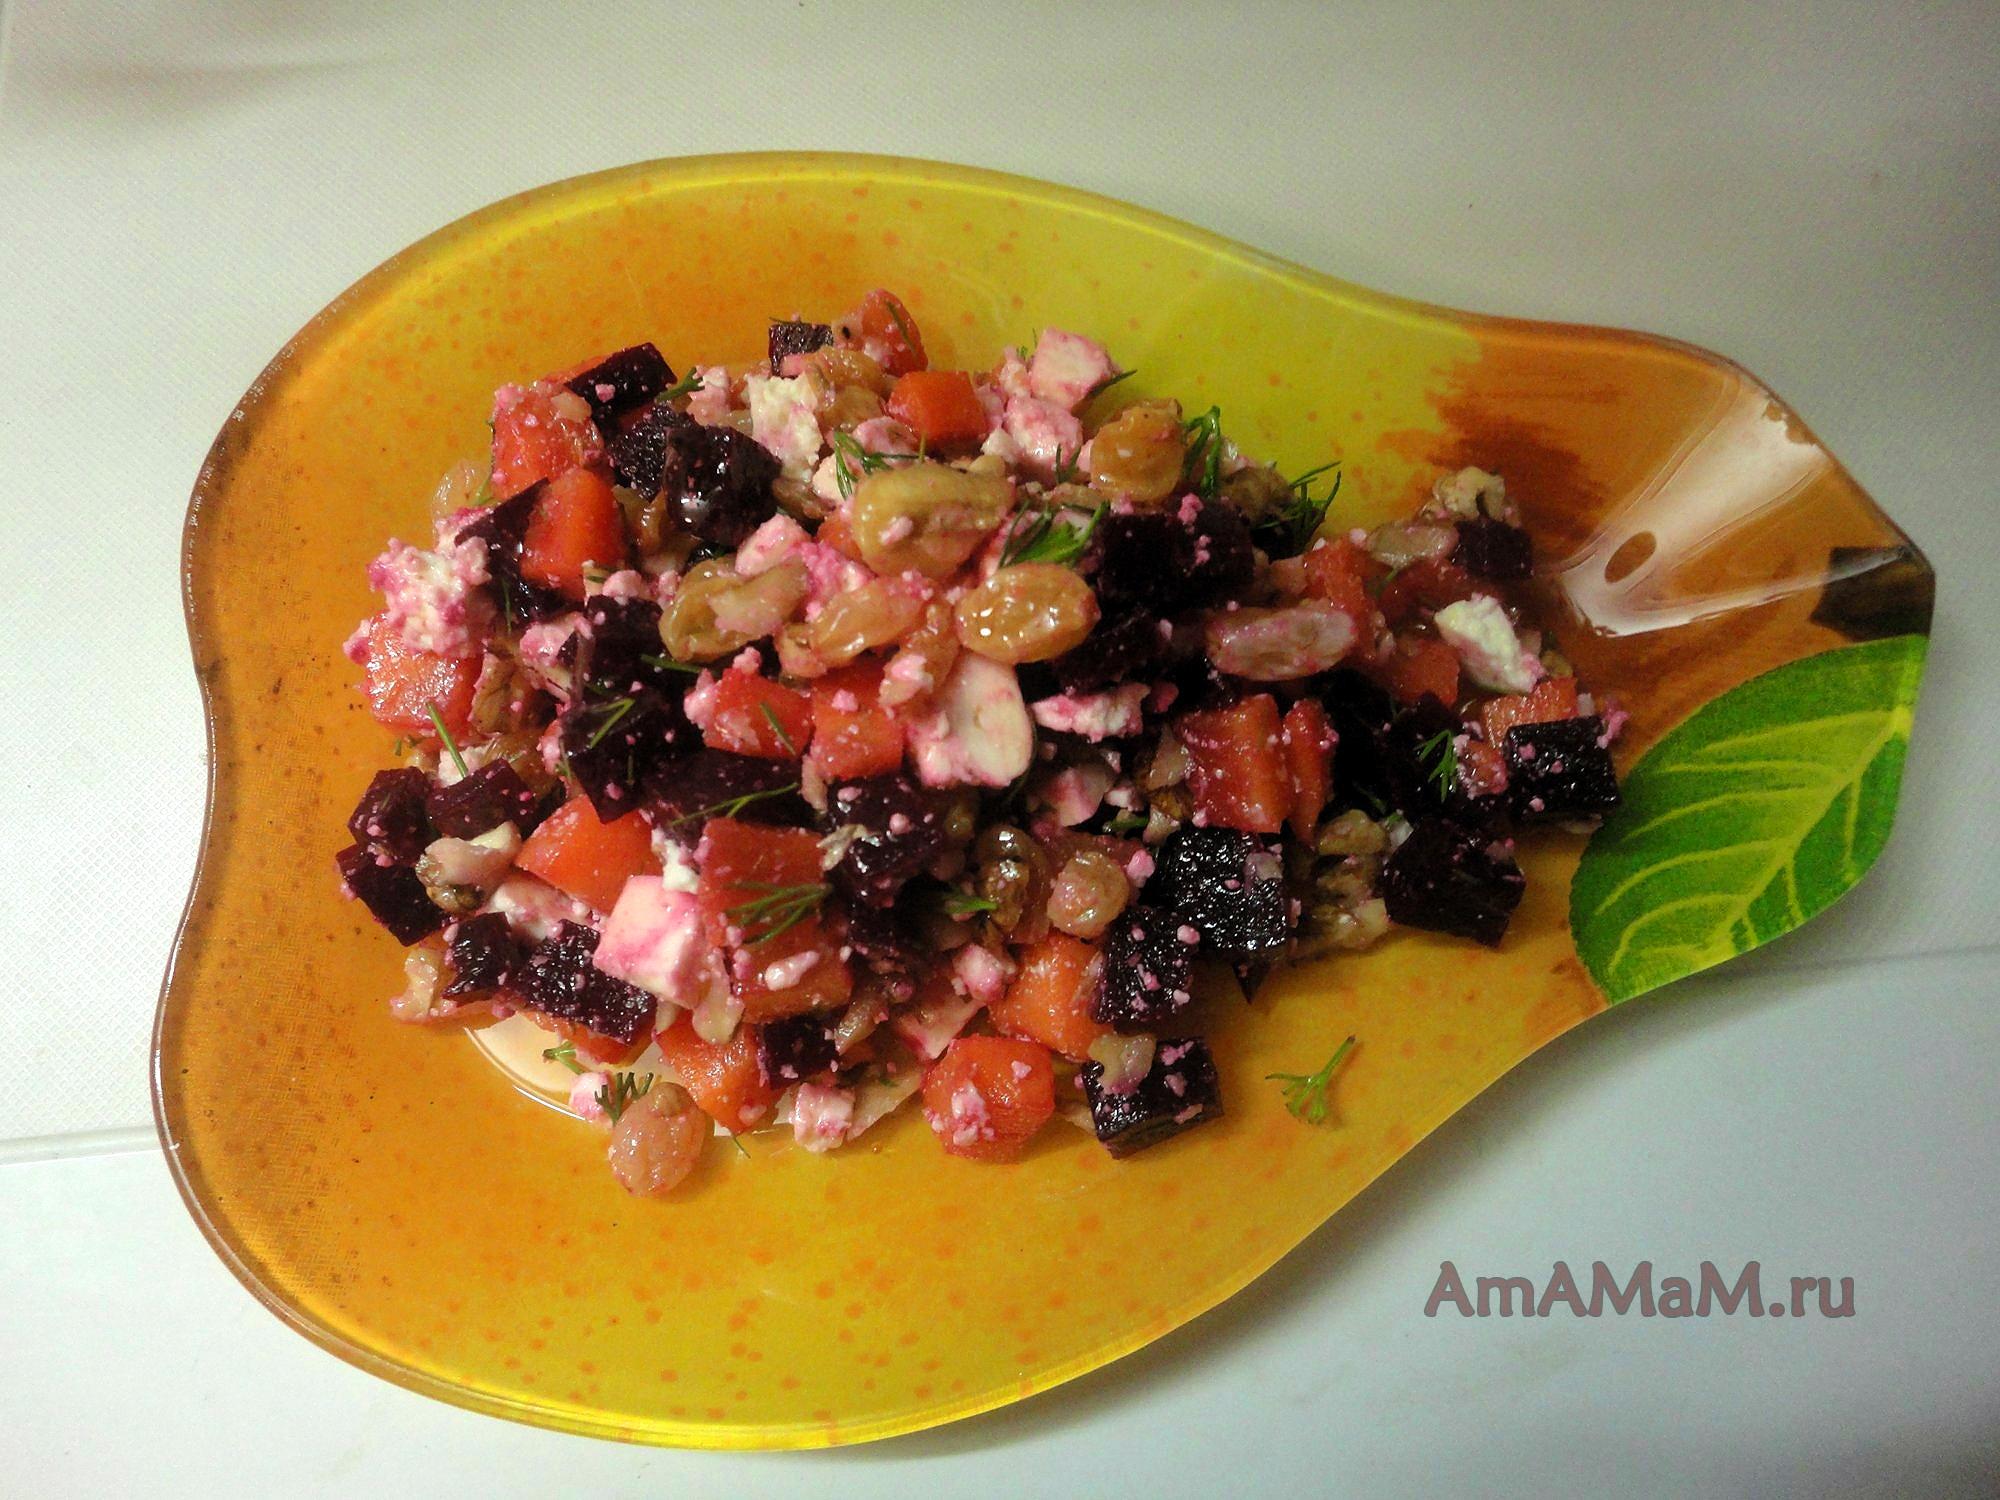 салат из свеклы с сыром и яблоком рецепт